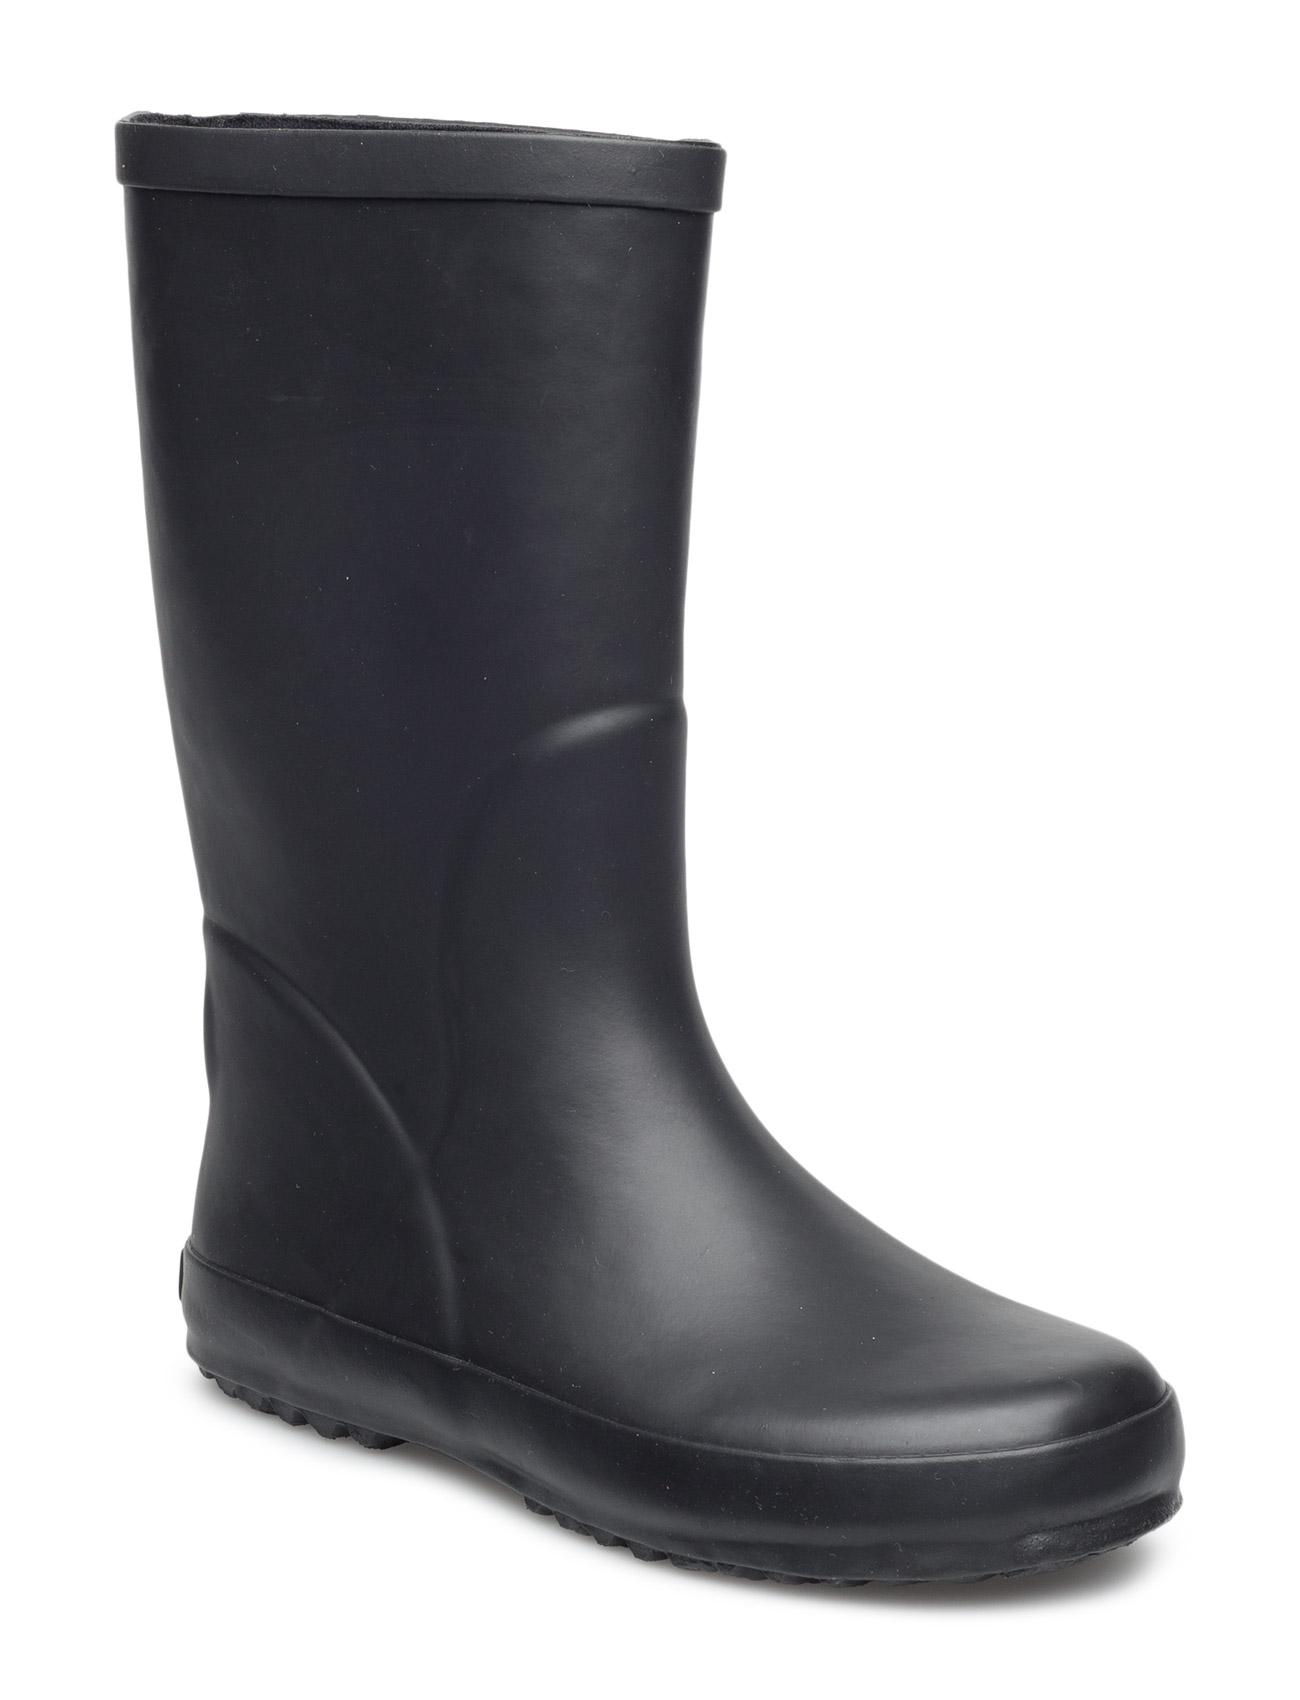 Tween Rubber Boot Bundgaard Sko til Børn i Sort